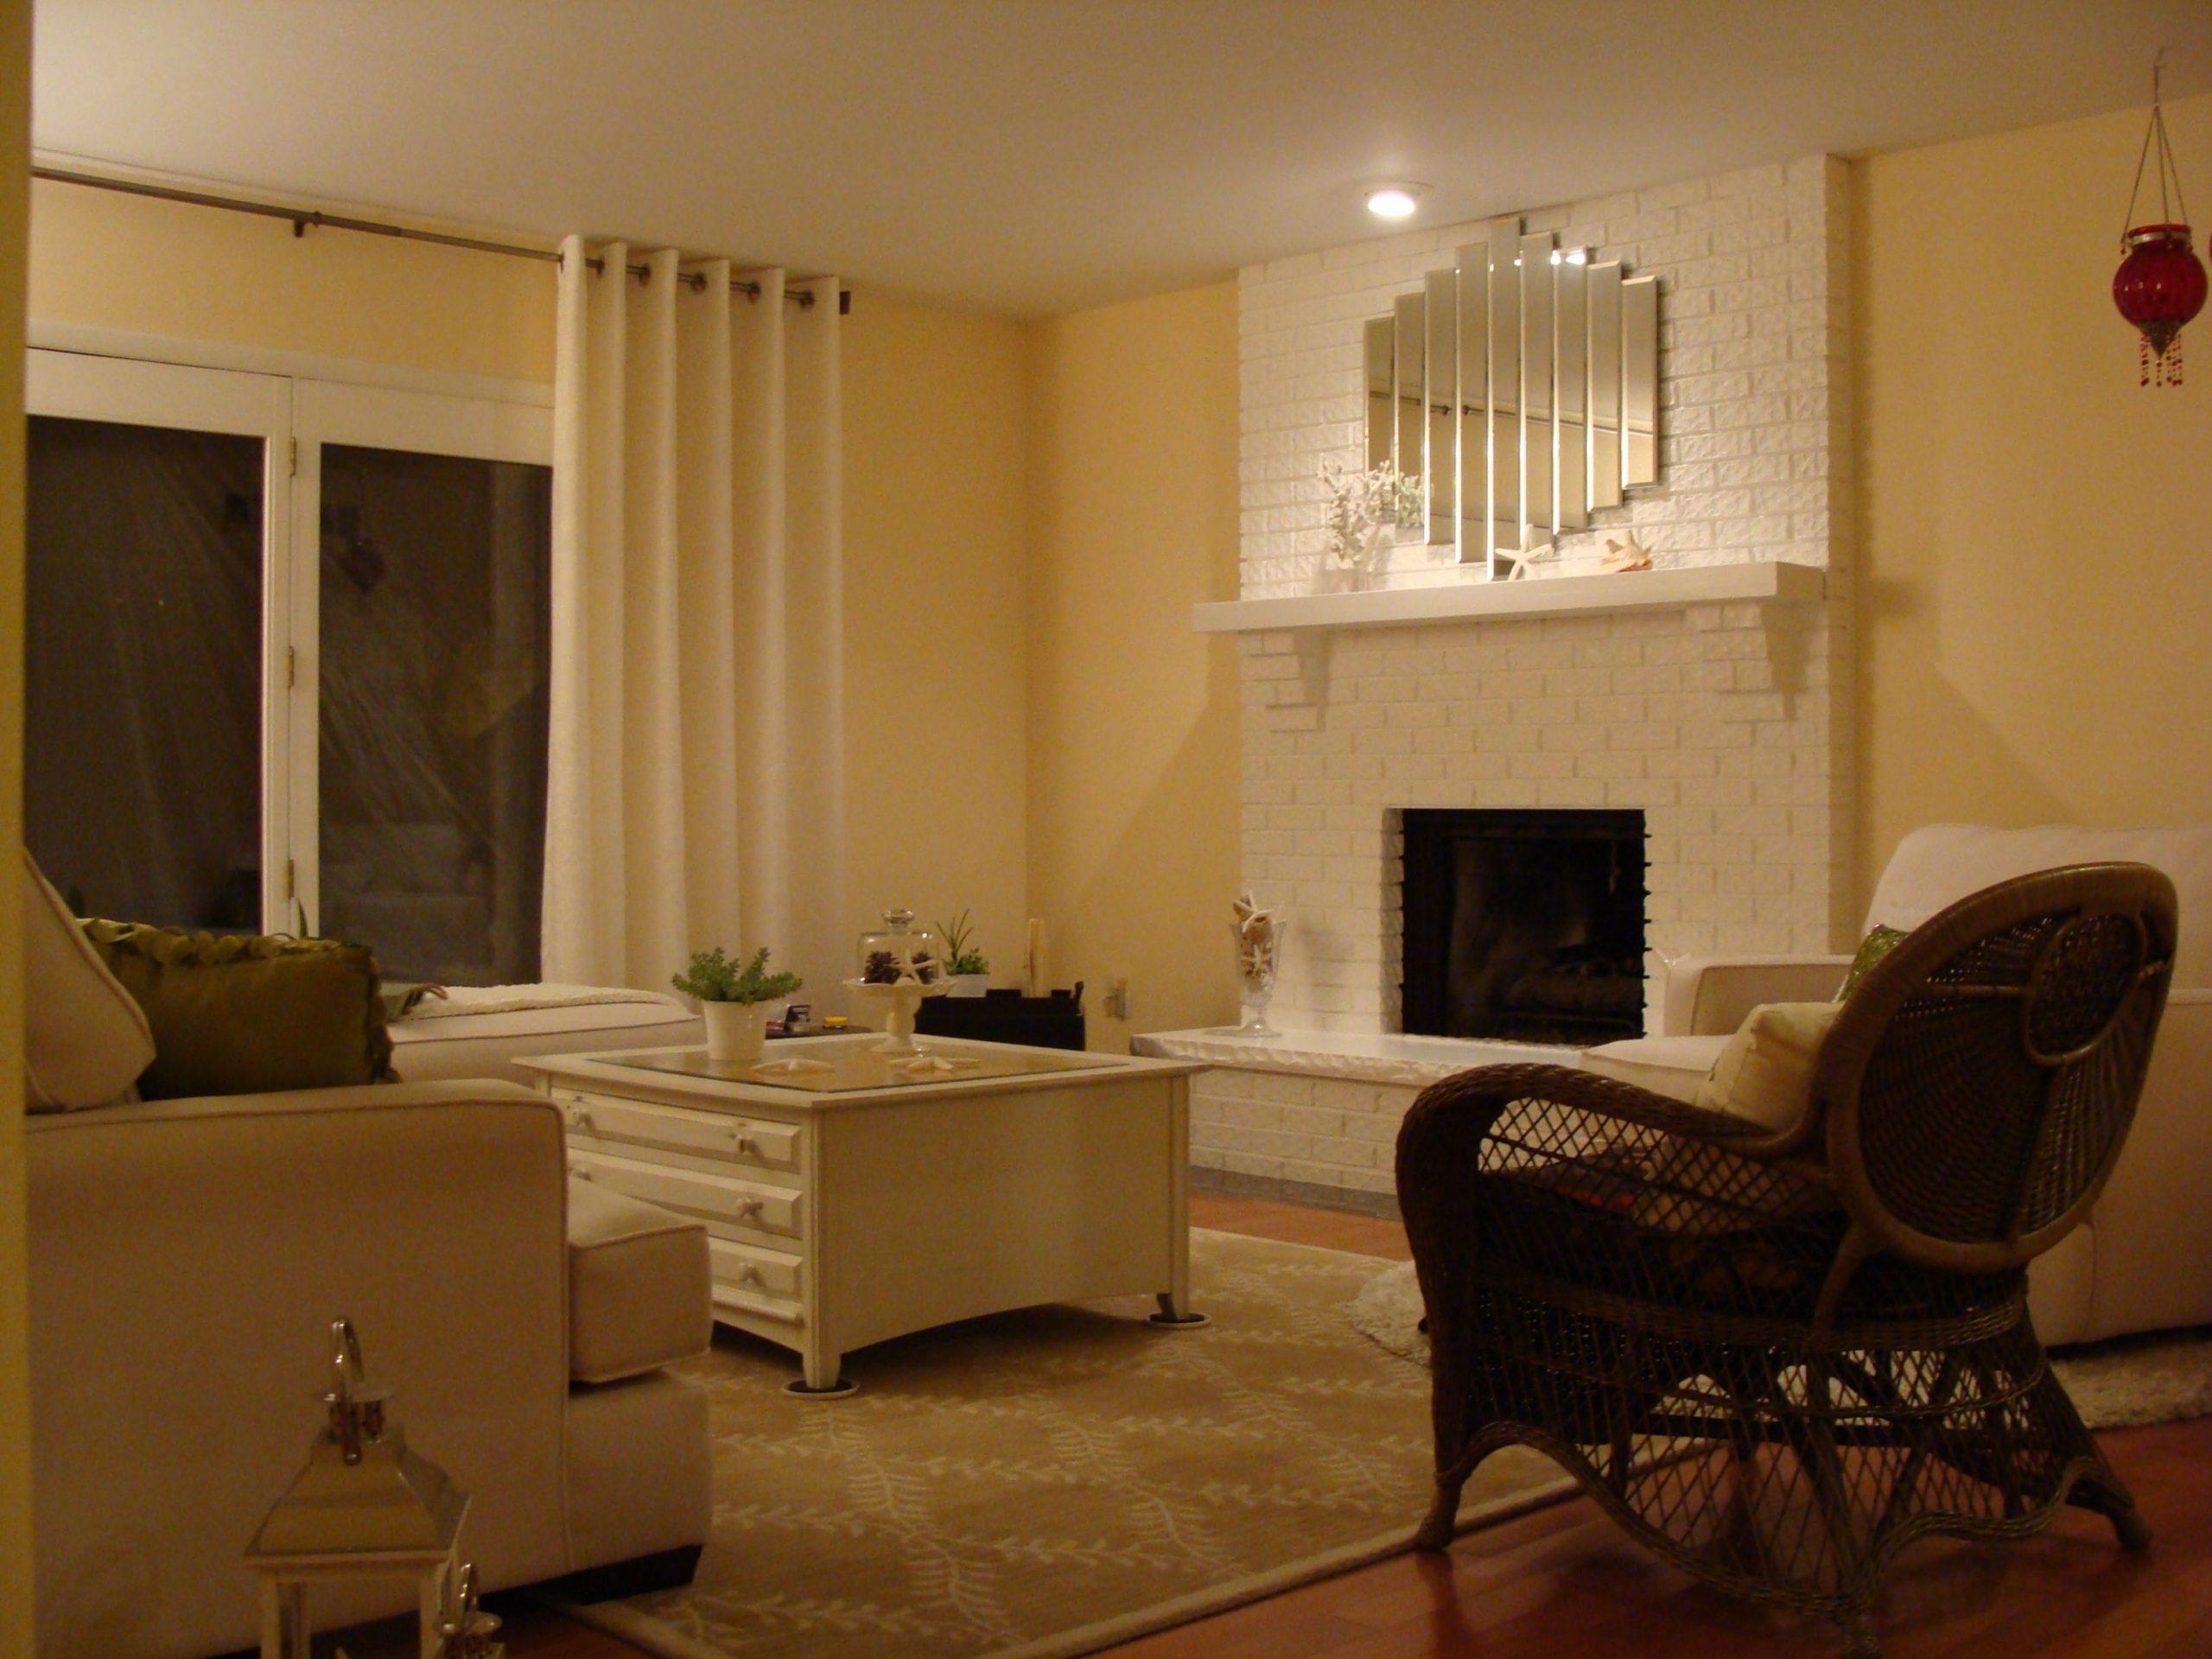 living room ideas no windows  Apartment living room, Living room  - Bedroom Ideas No Windows